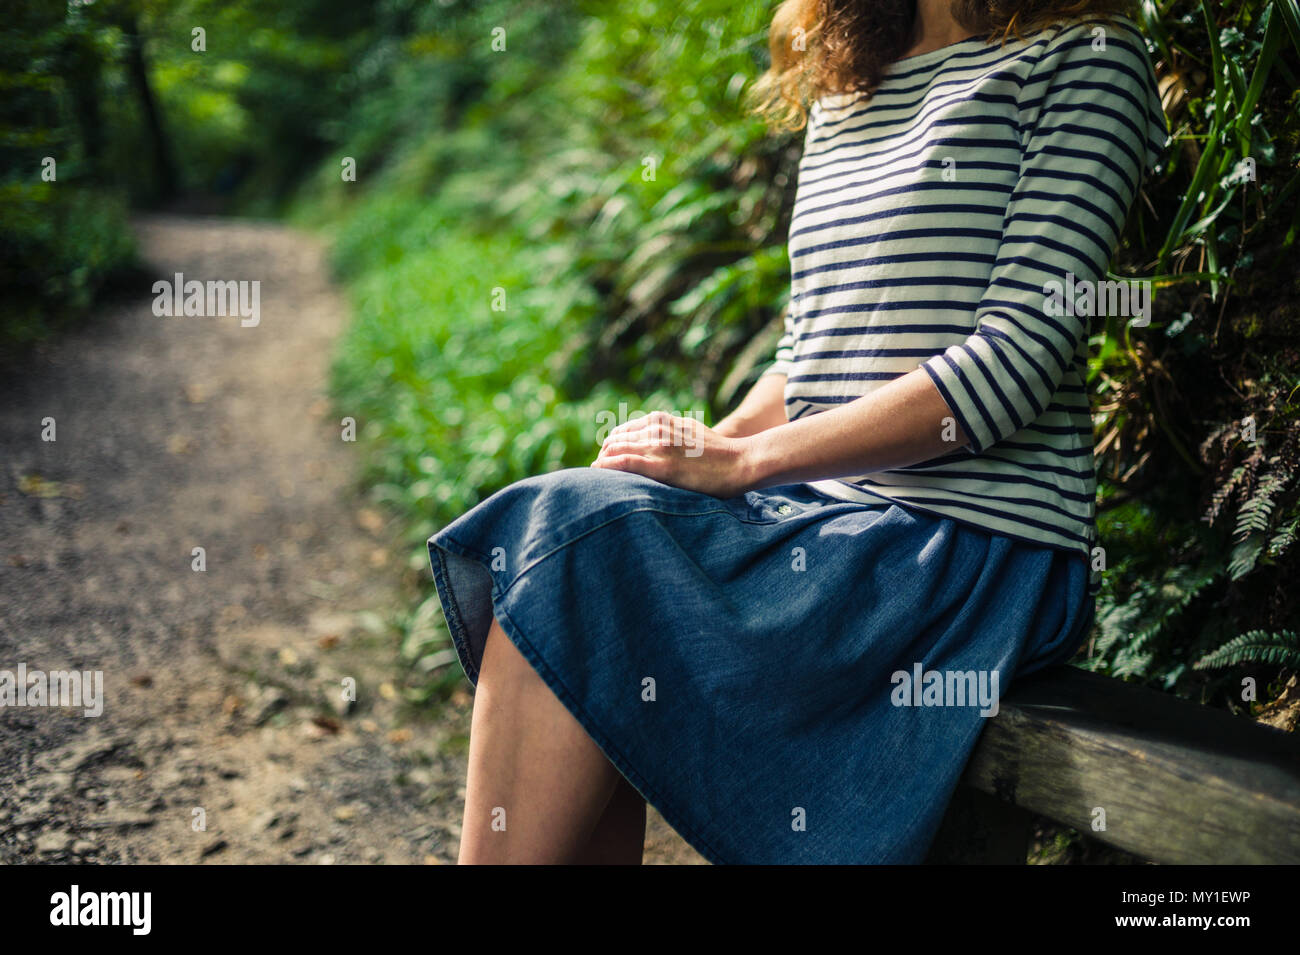 Une jeune femme est assise et se reposer sur un banc dans la forêt Photo Stock